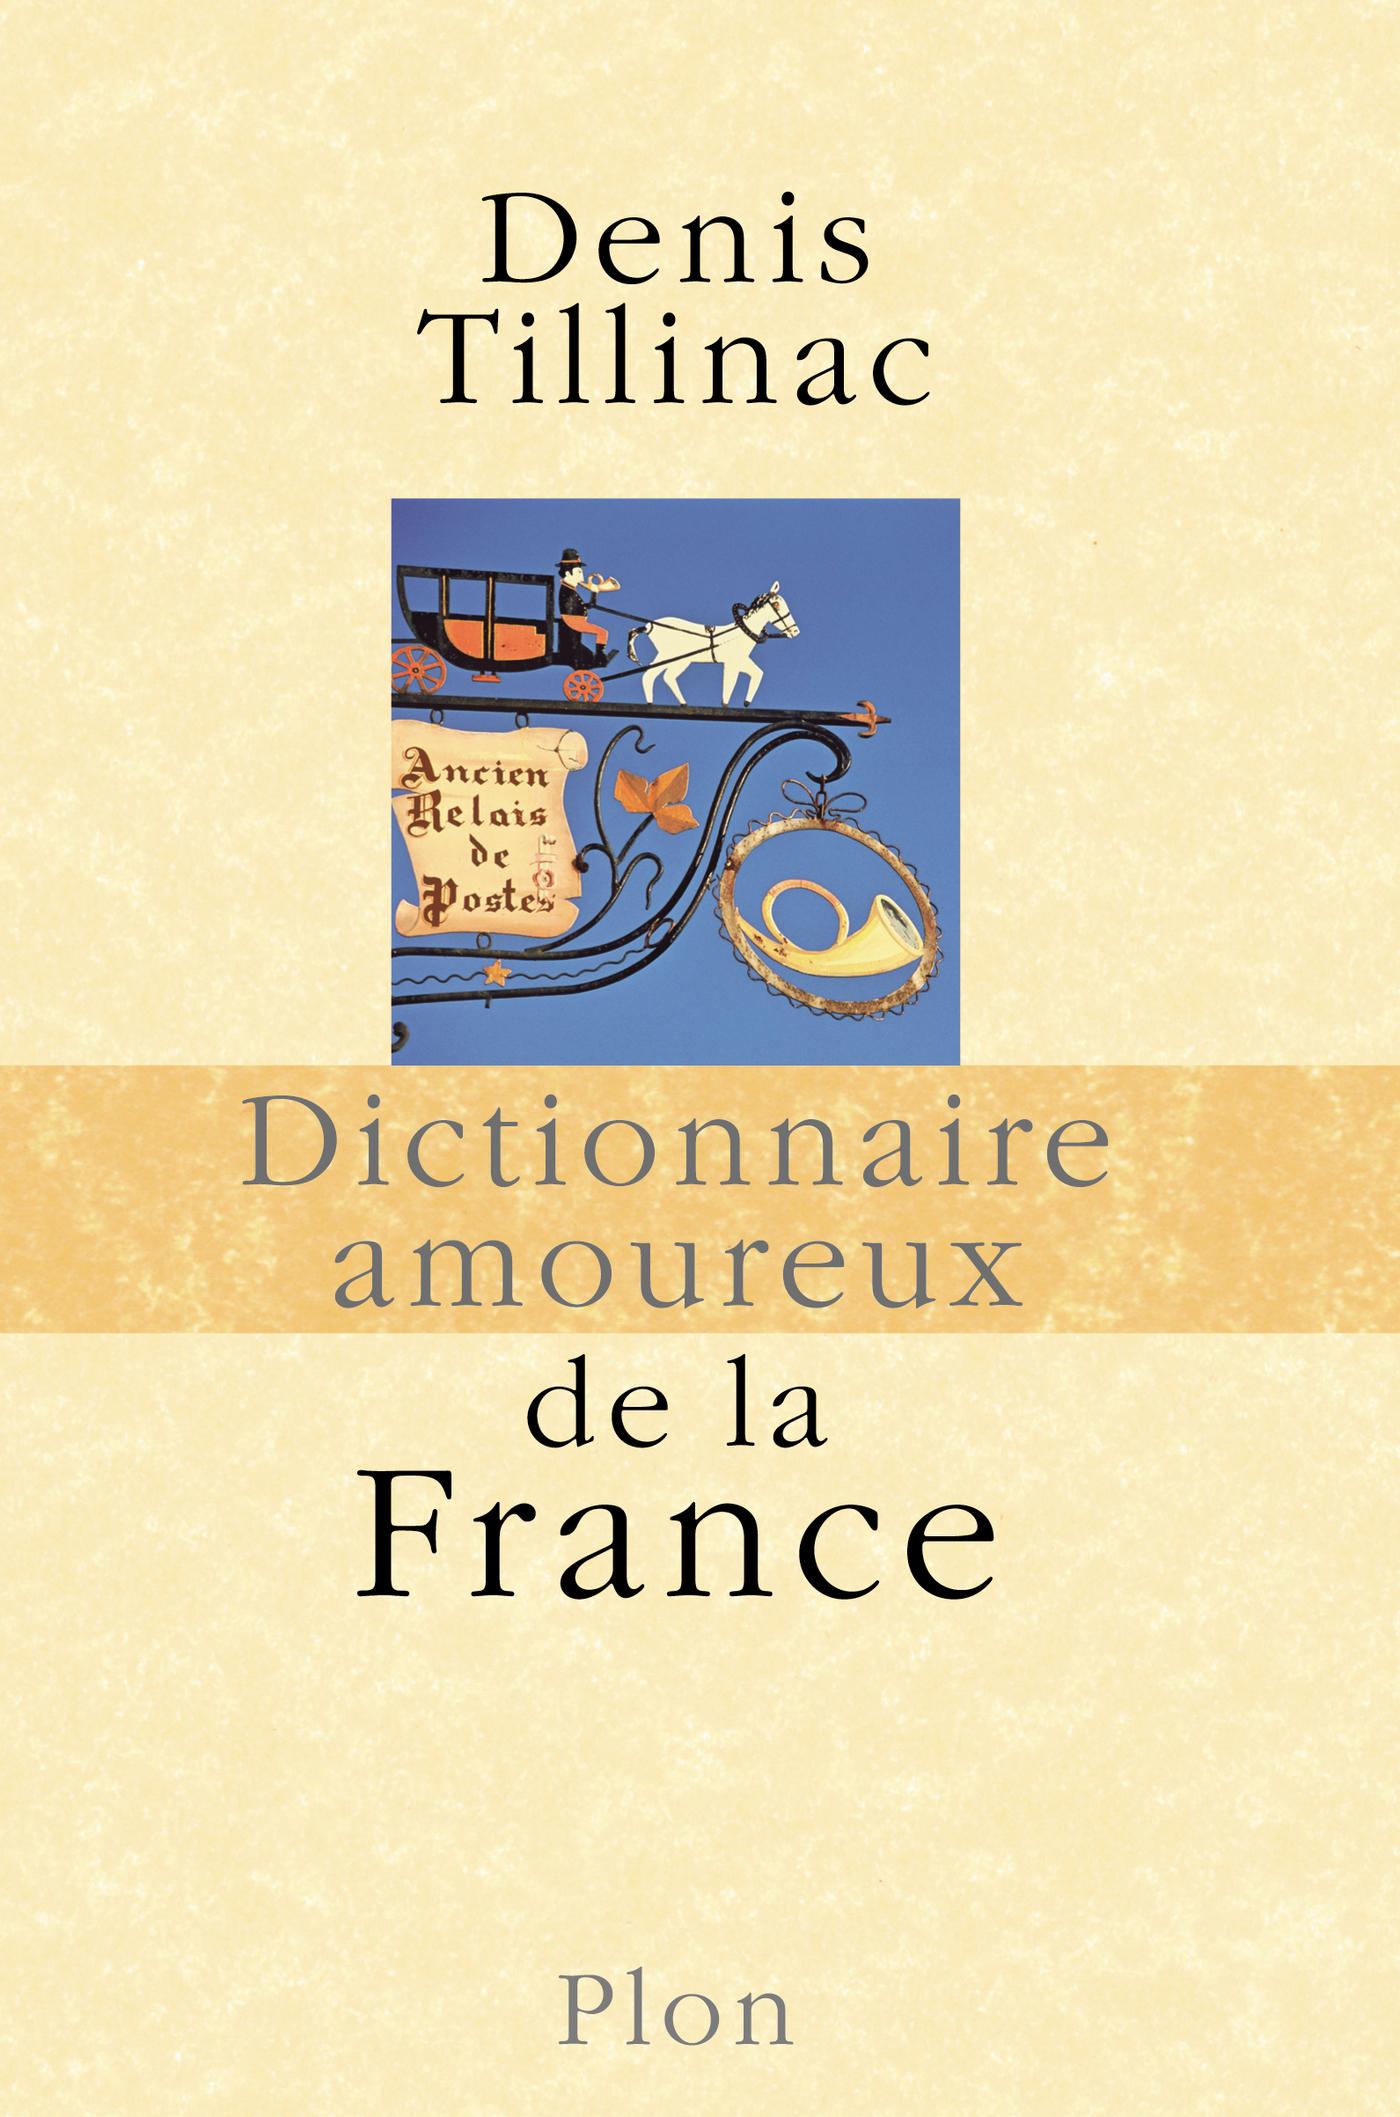 Dictionnaire amoureux de la France | TILLINAC, Denis